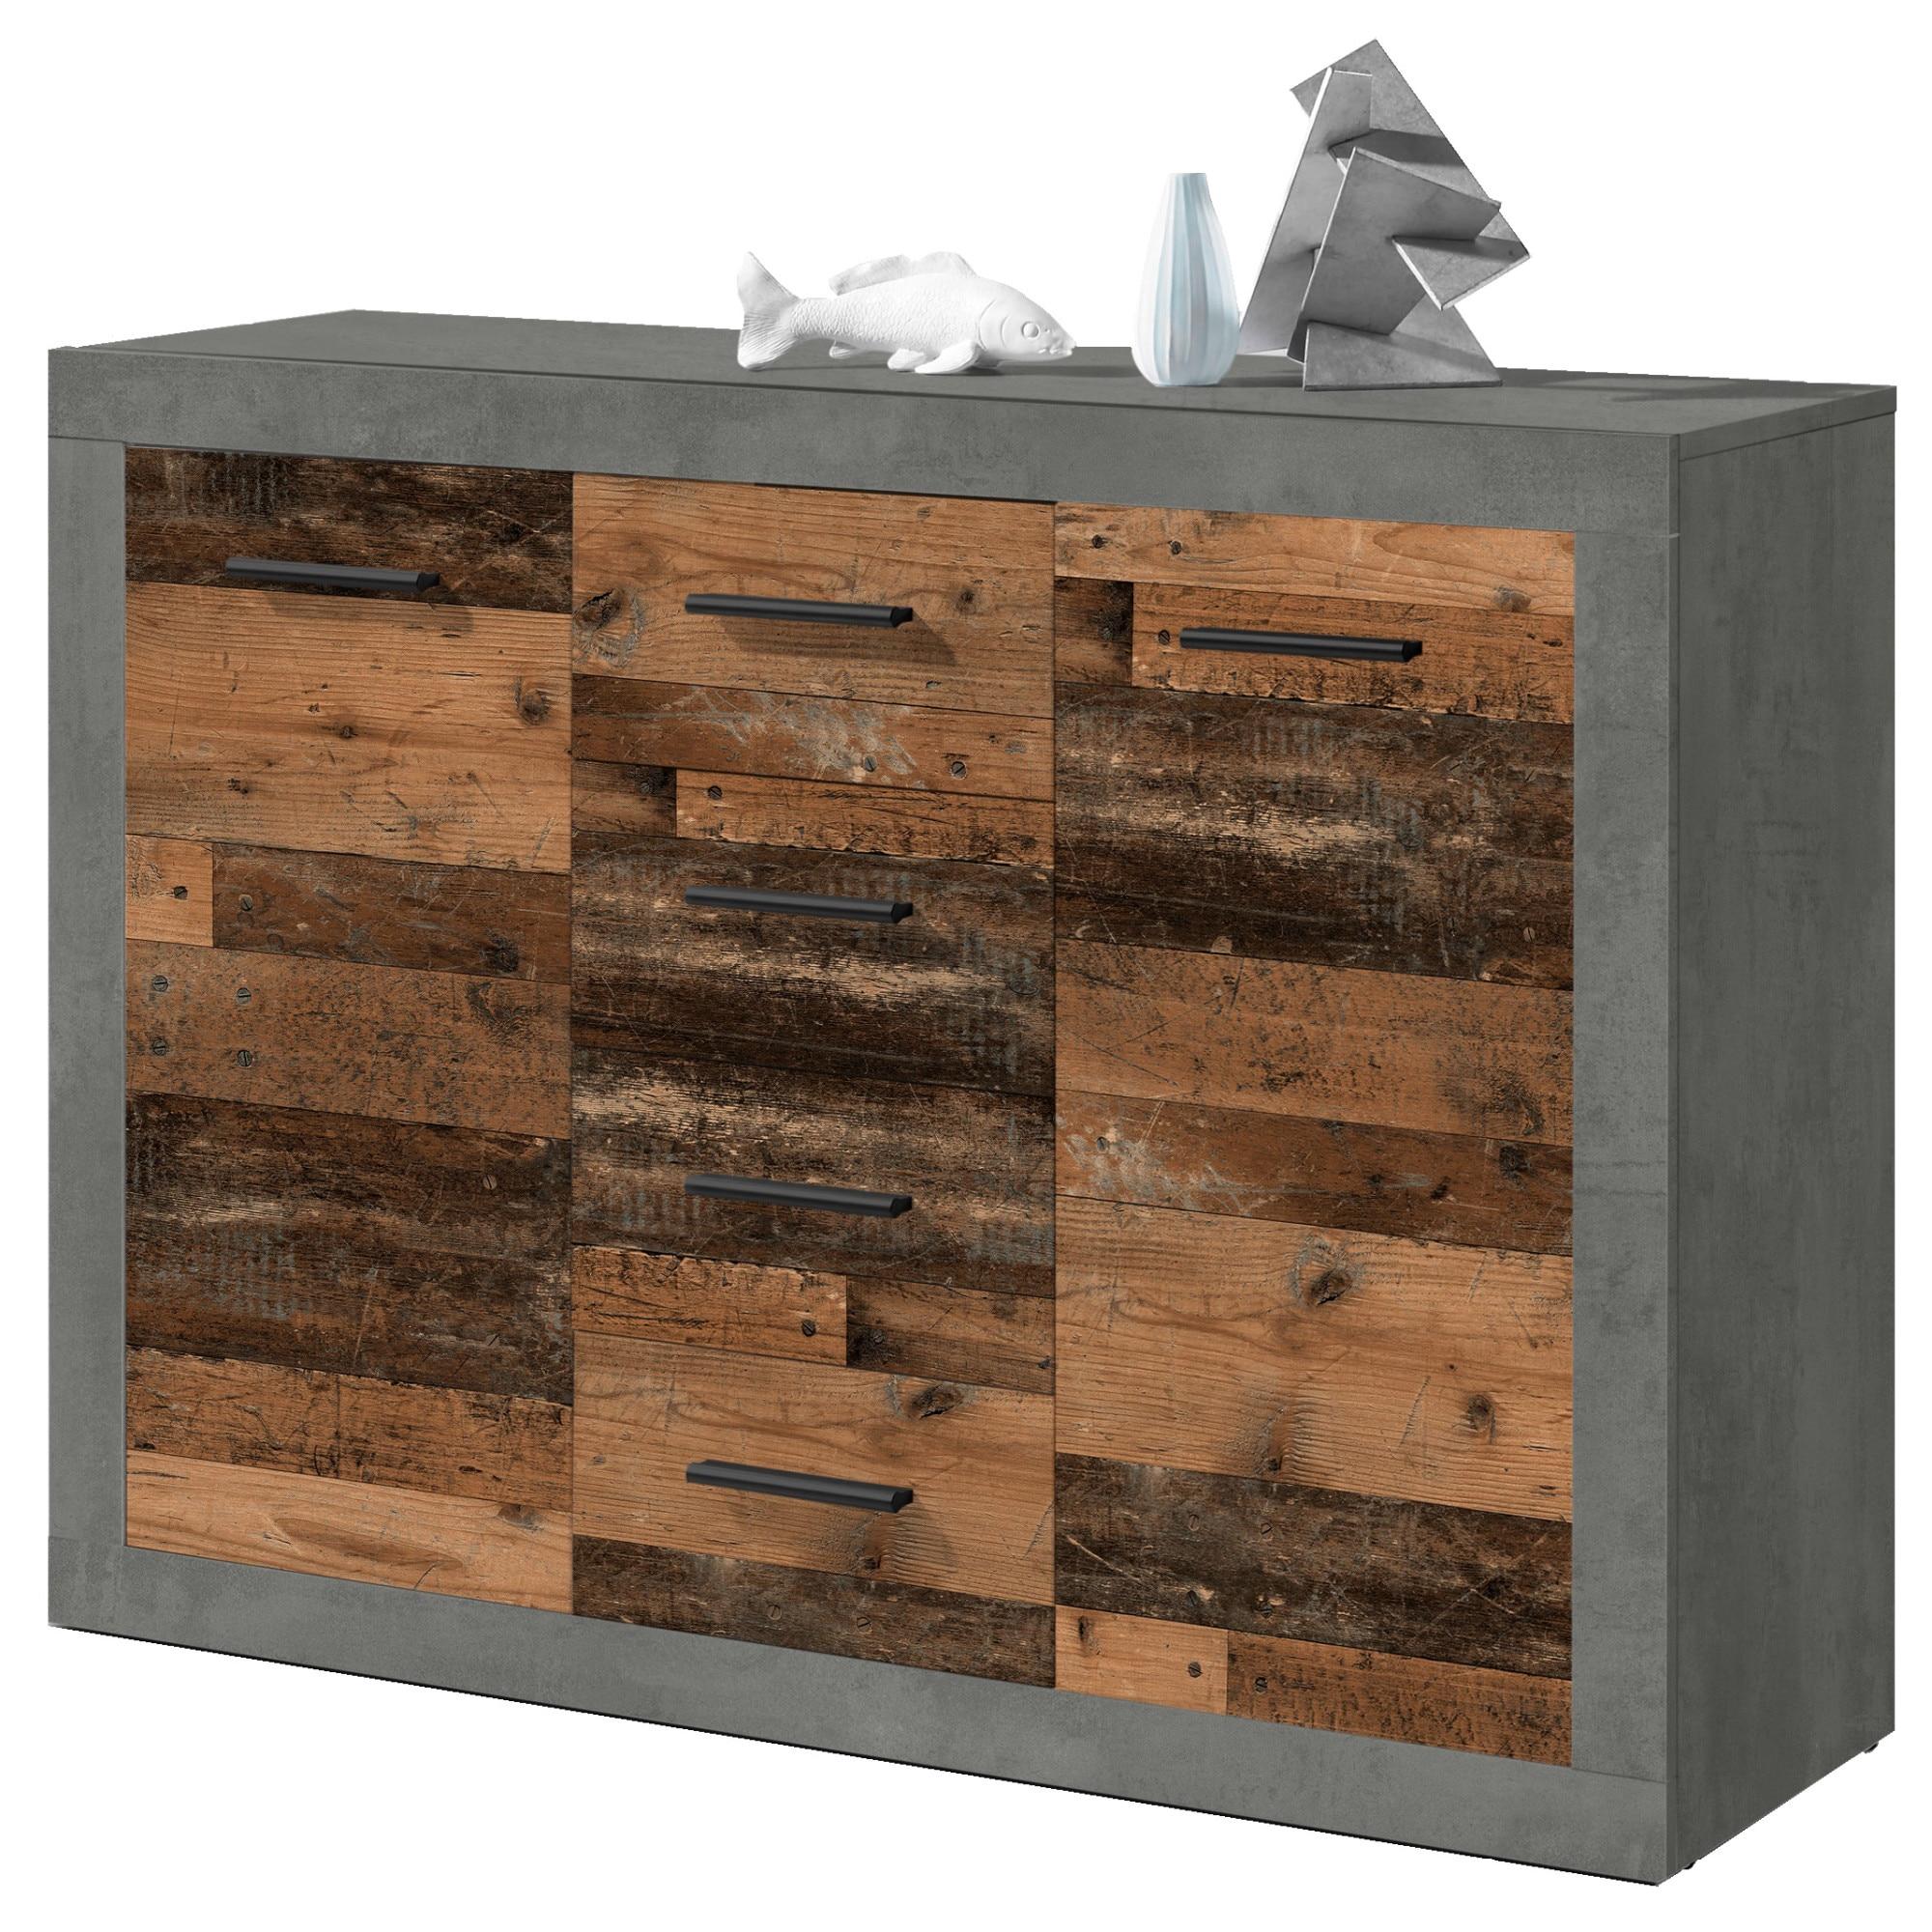 Fotografie Comoda TEAM 117x88x37 cm, 2 usi, 4 sertare, culoare Gri, Old Wood